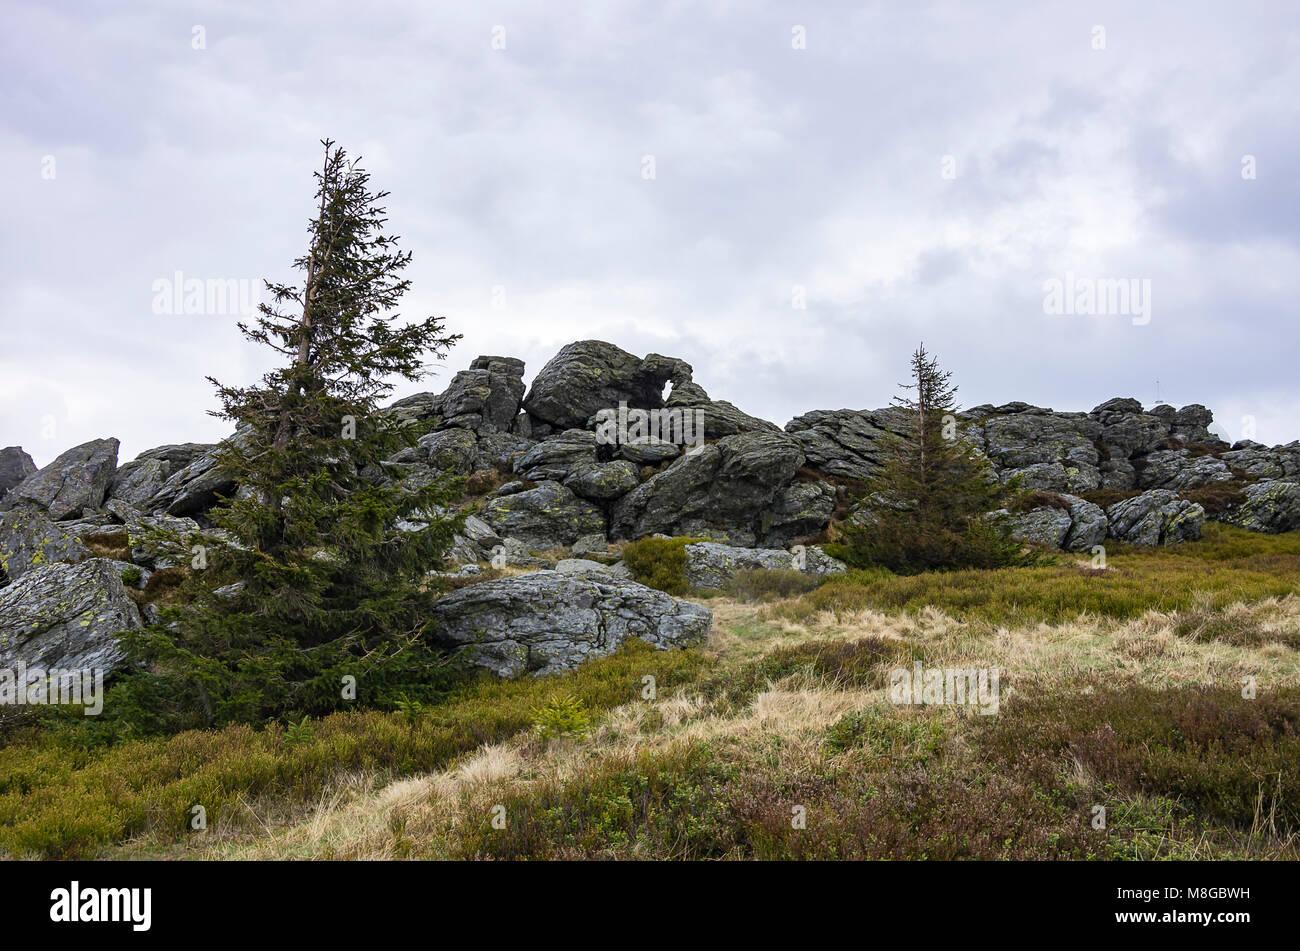 Felsformationen und Vegetation auf Großer Arber (Großer Arber), Bayerischer Wald, Bayern, Deutschland. Stockbild